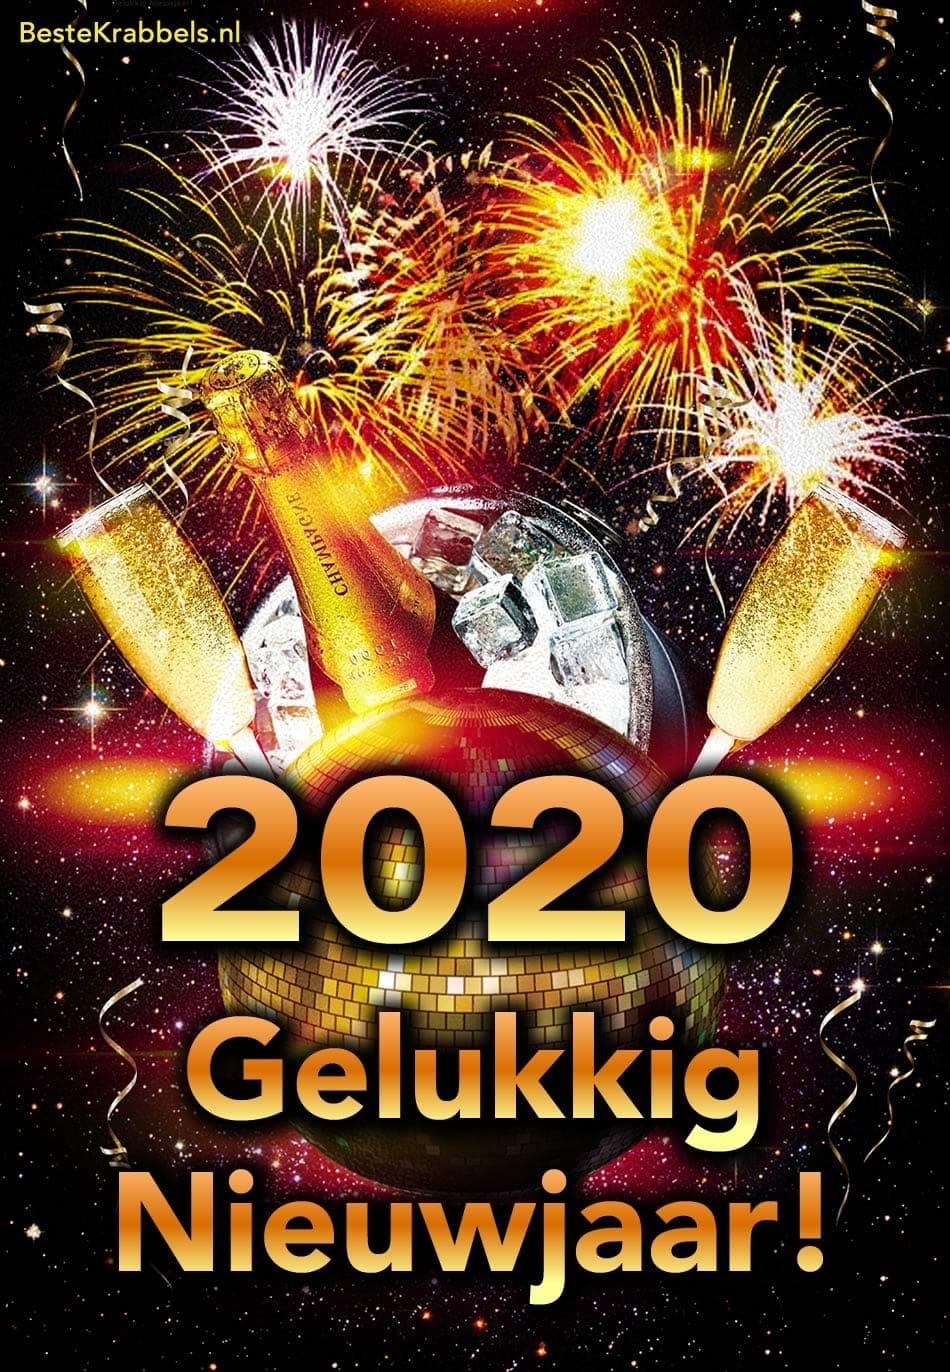 2020 Gelukkig Nieuwjaar!